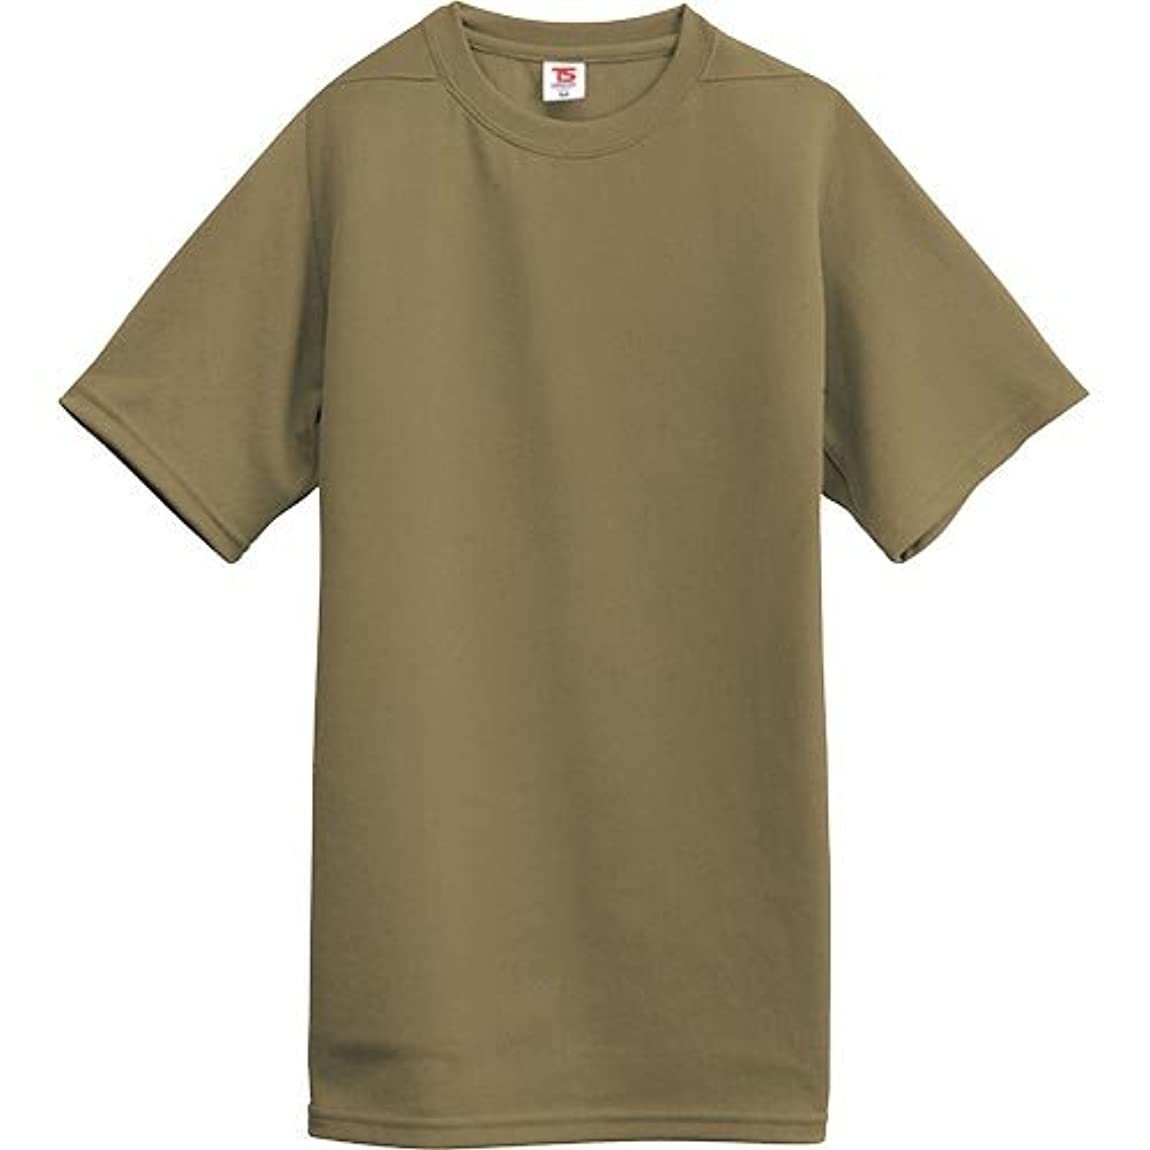 風邪をひくどちらも愛情深いティーエスデザイン Tシャツ(ポケットなし) ブラウン 5L 2045 61